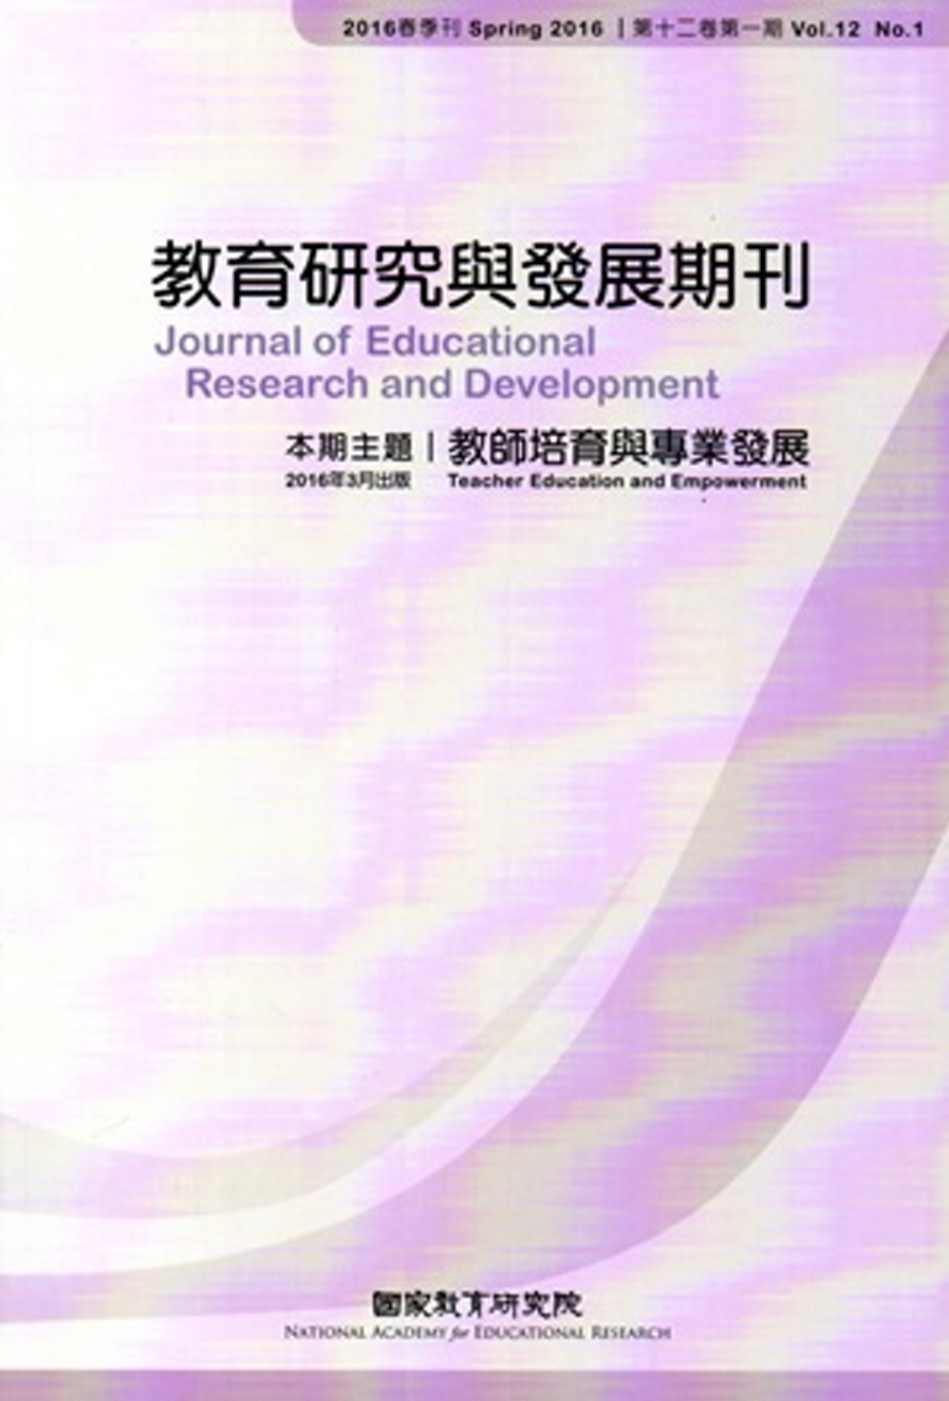 教育研究與發展期刊第12卷1期(105年春季刊)